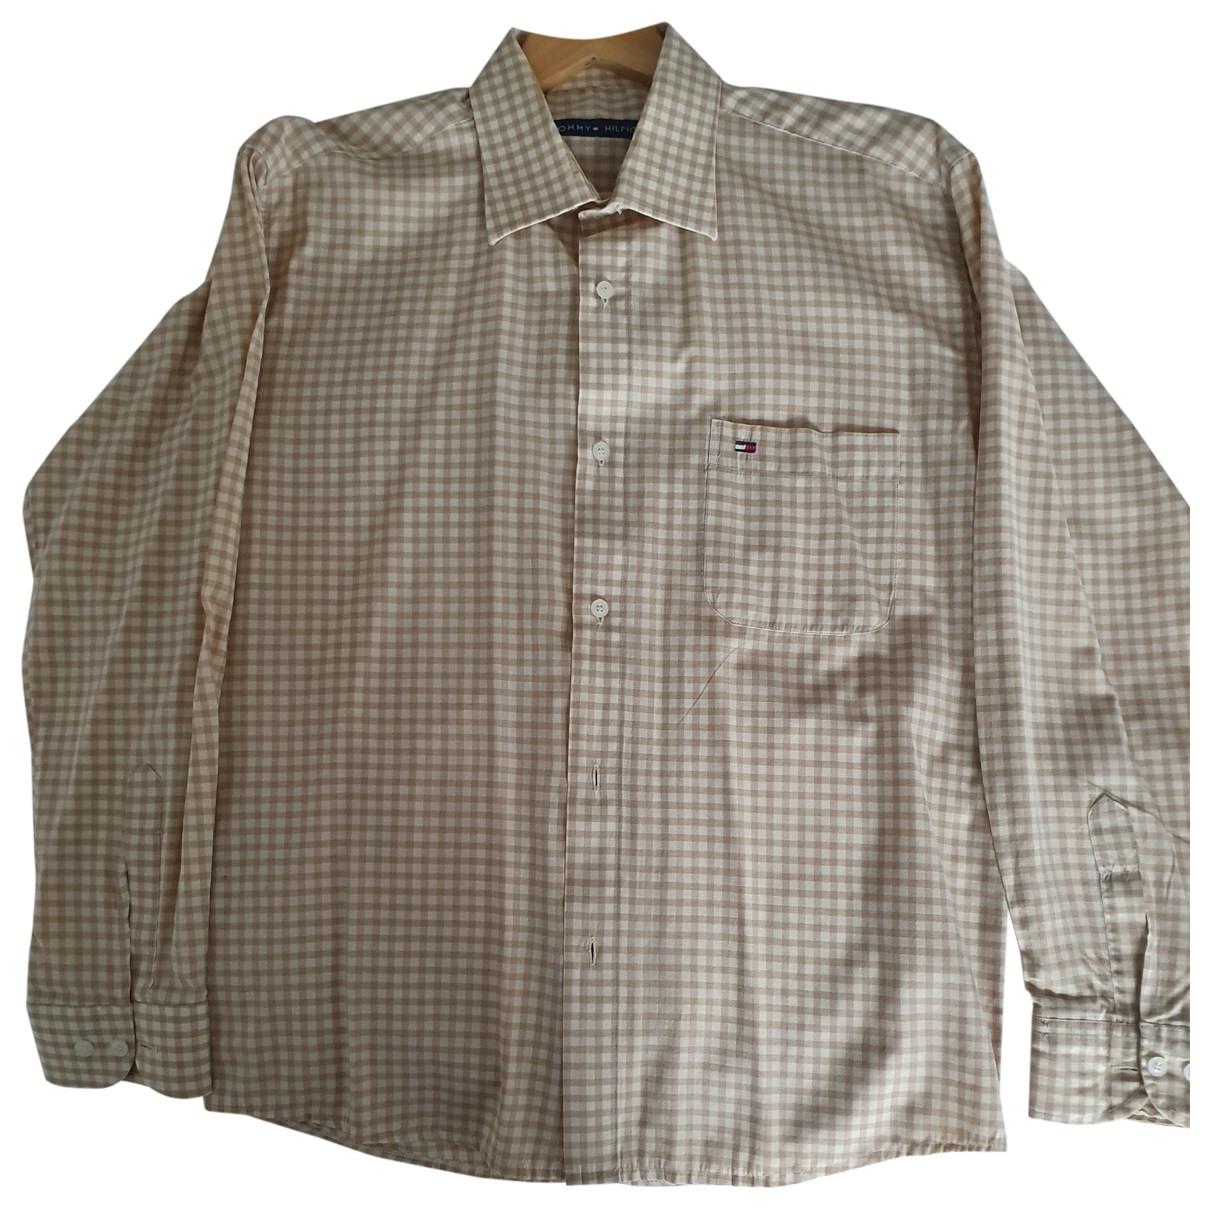 Tommy Hilfiger \N Beige Cotton Shirts for Men L International